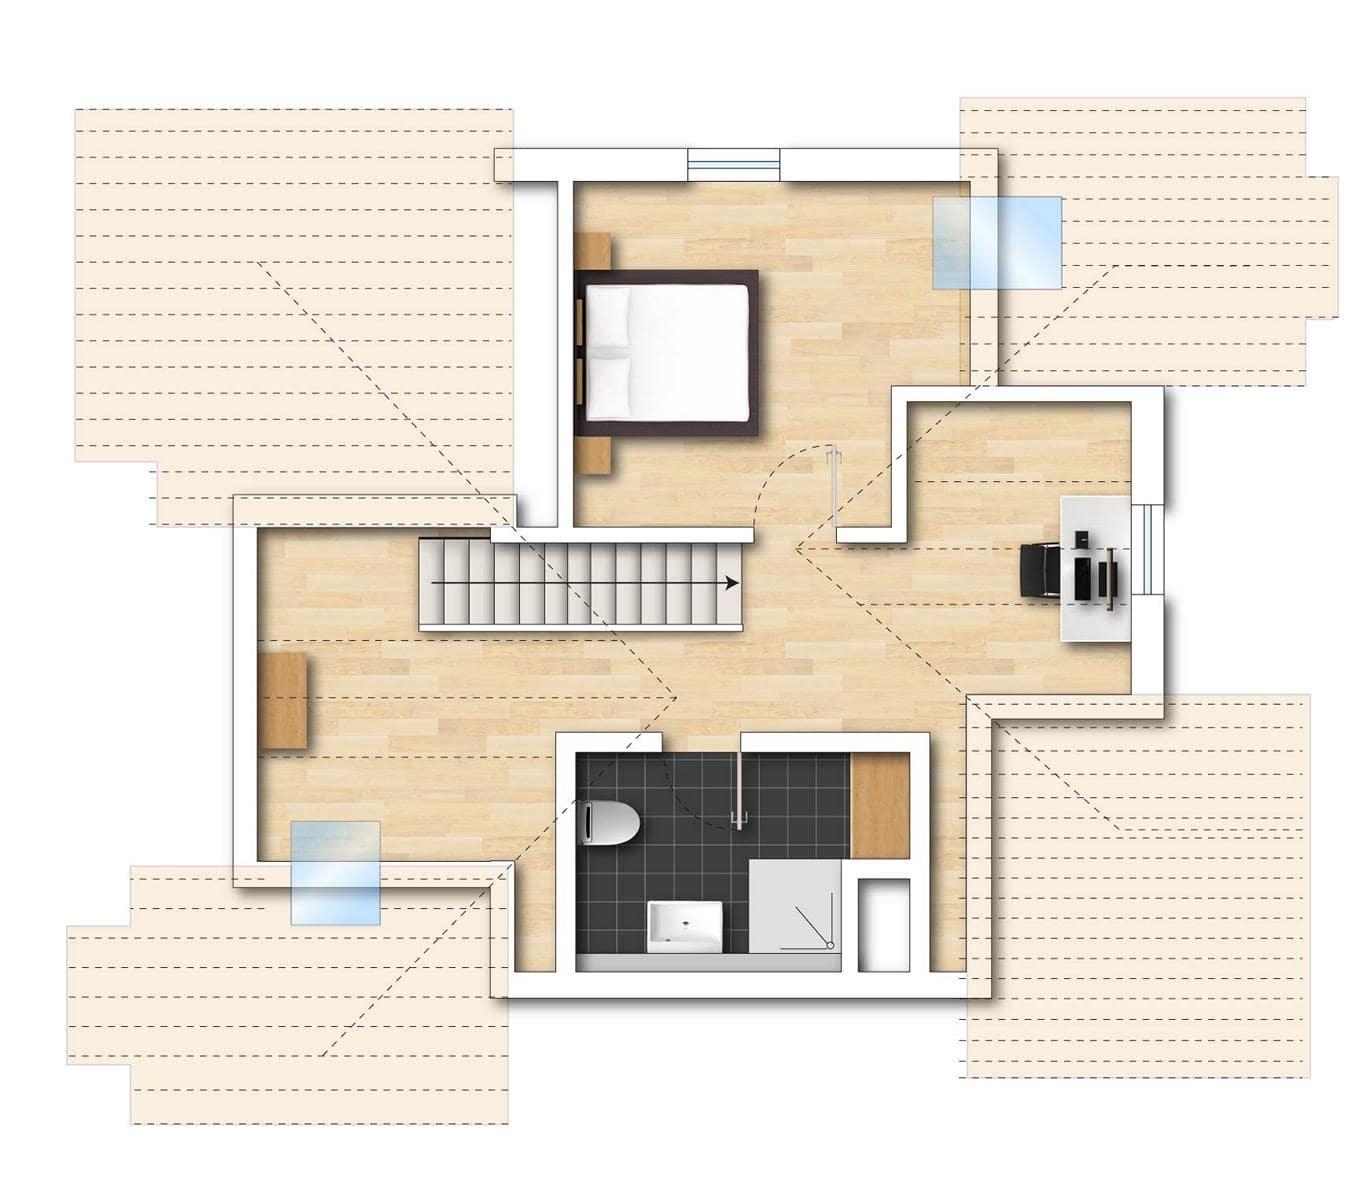 Grundriss Neubauwohnung 8 obere Etage Bodman im Weiler